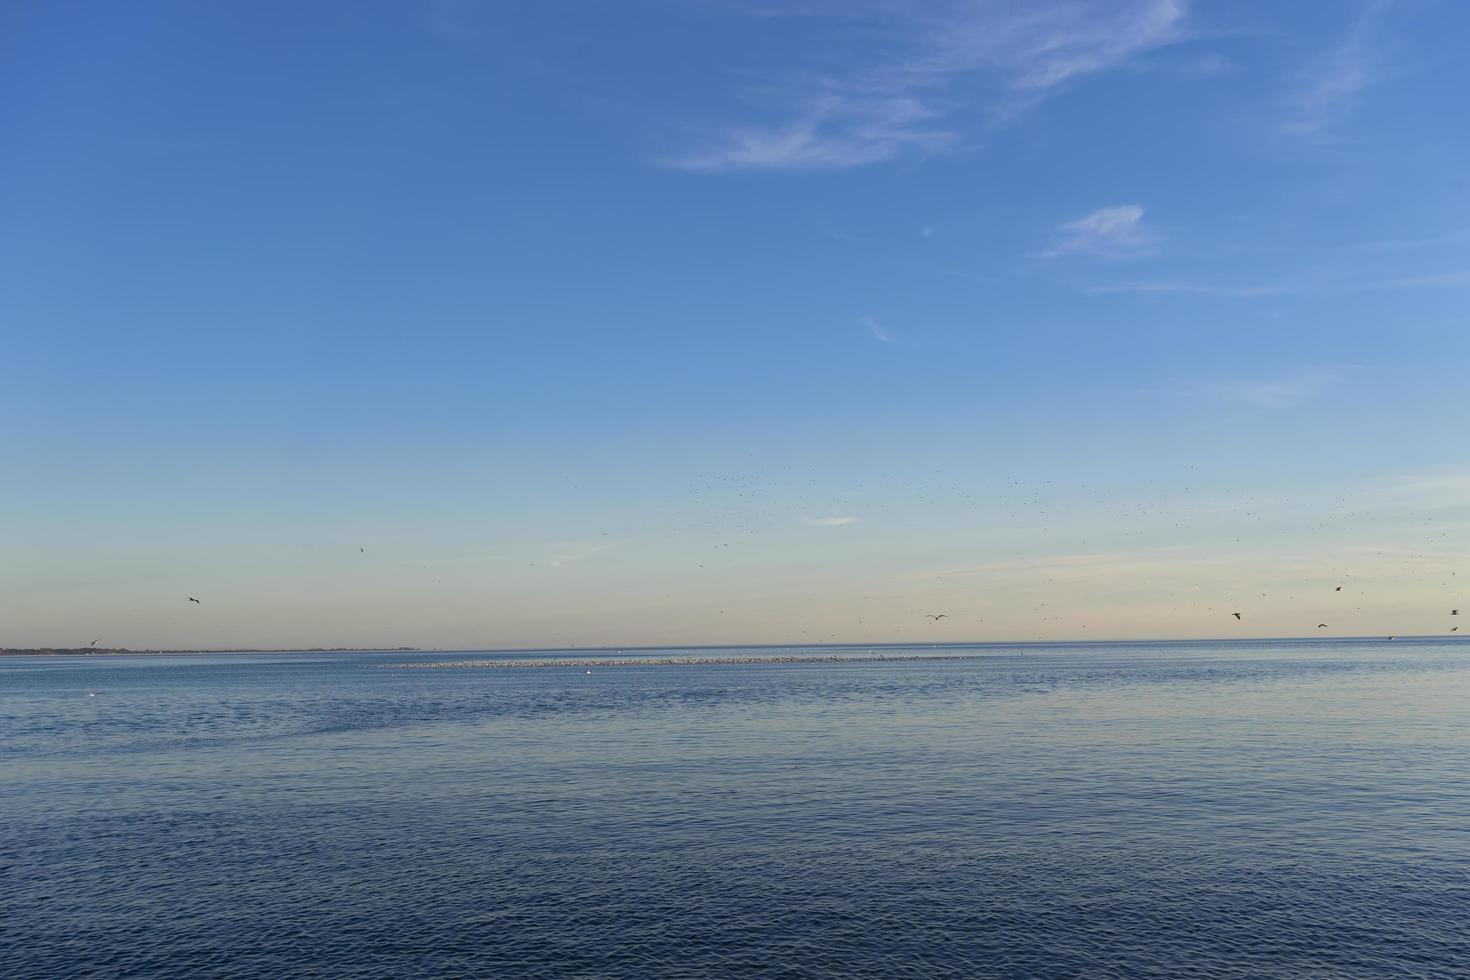 Seelandschaft eines Gewässers mit buntem Horizont und blauem Himmel foto